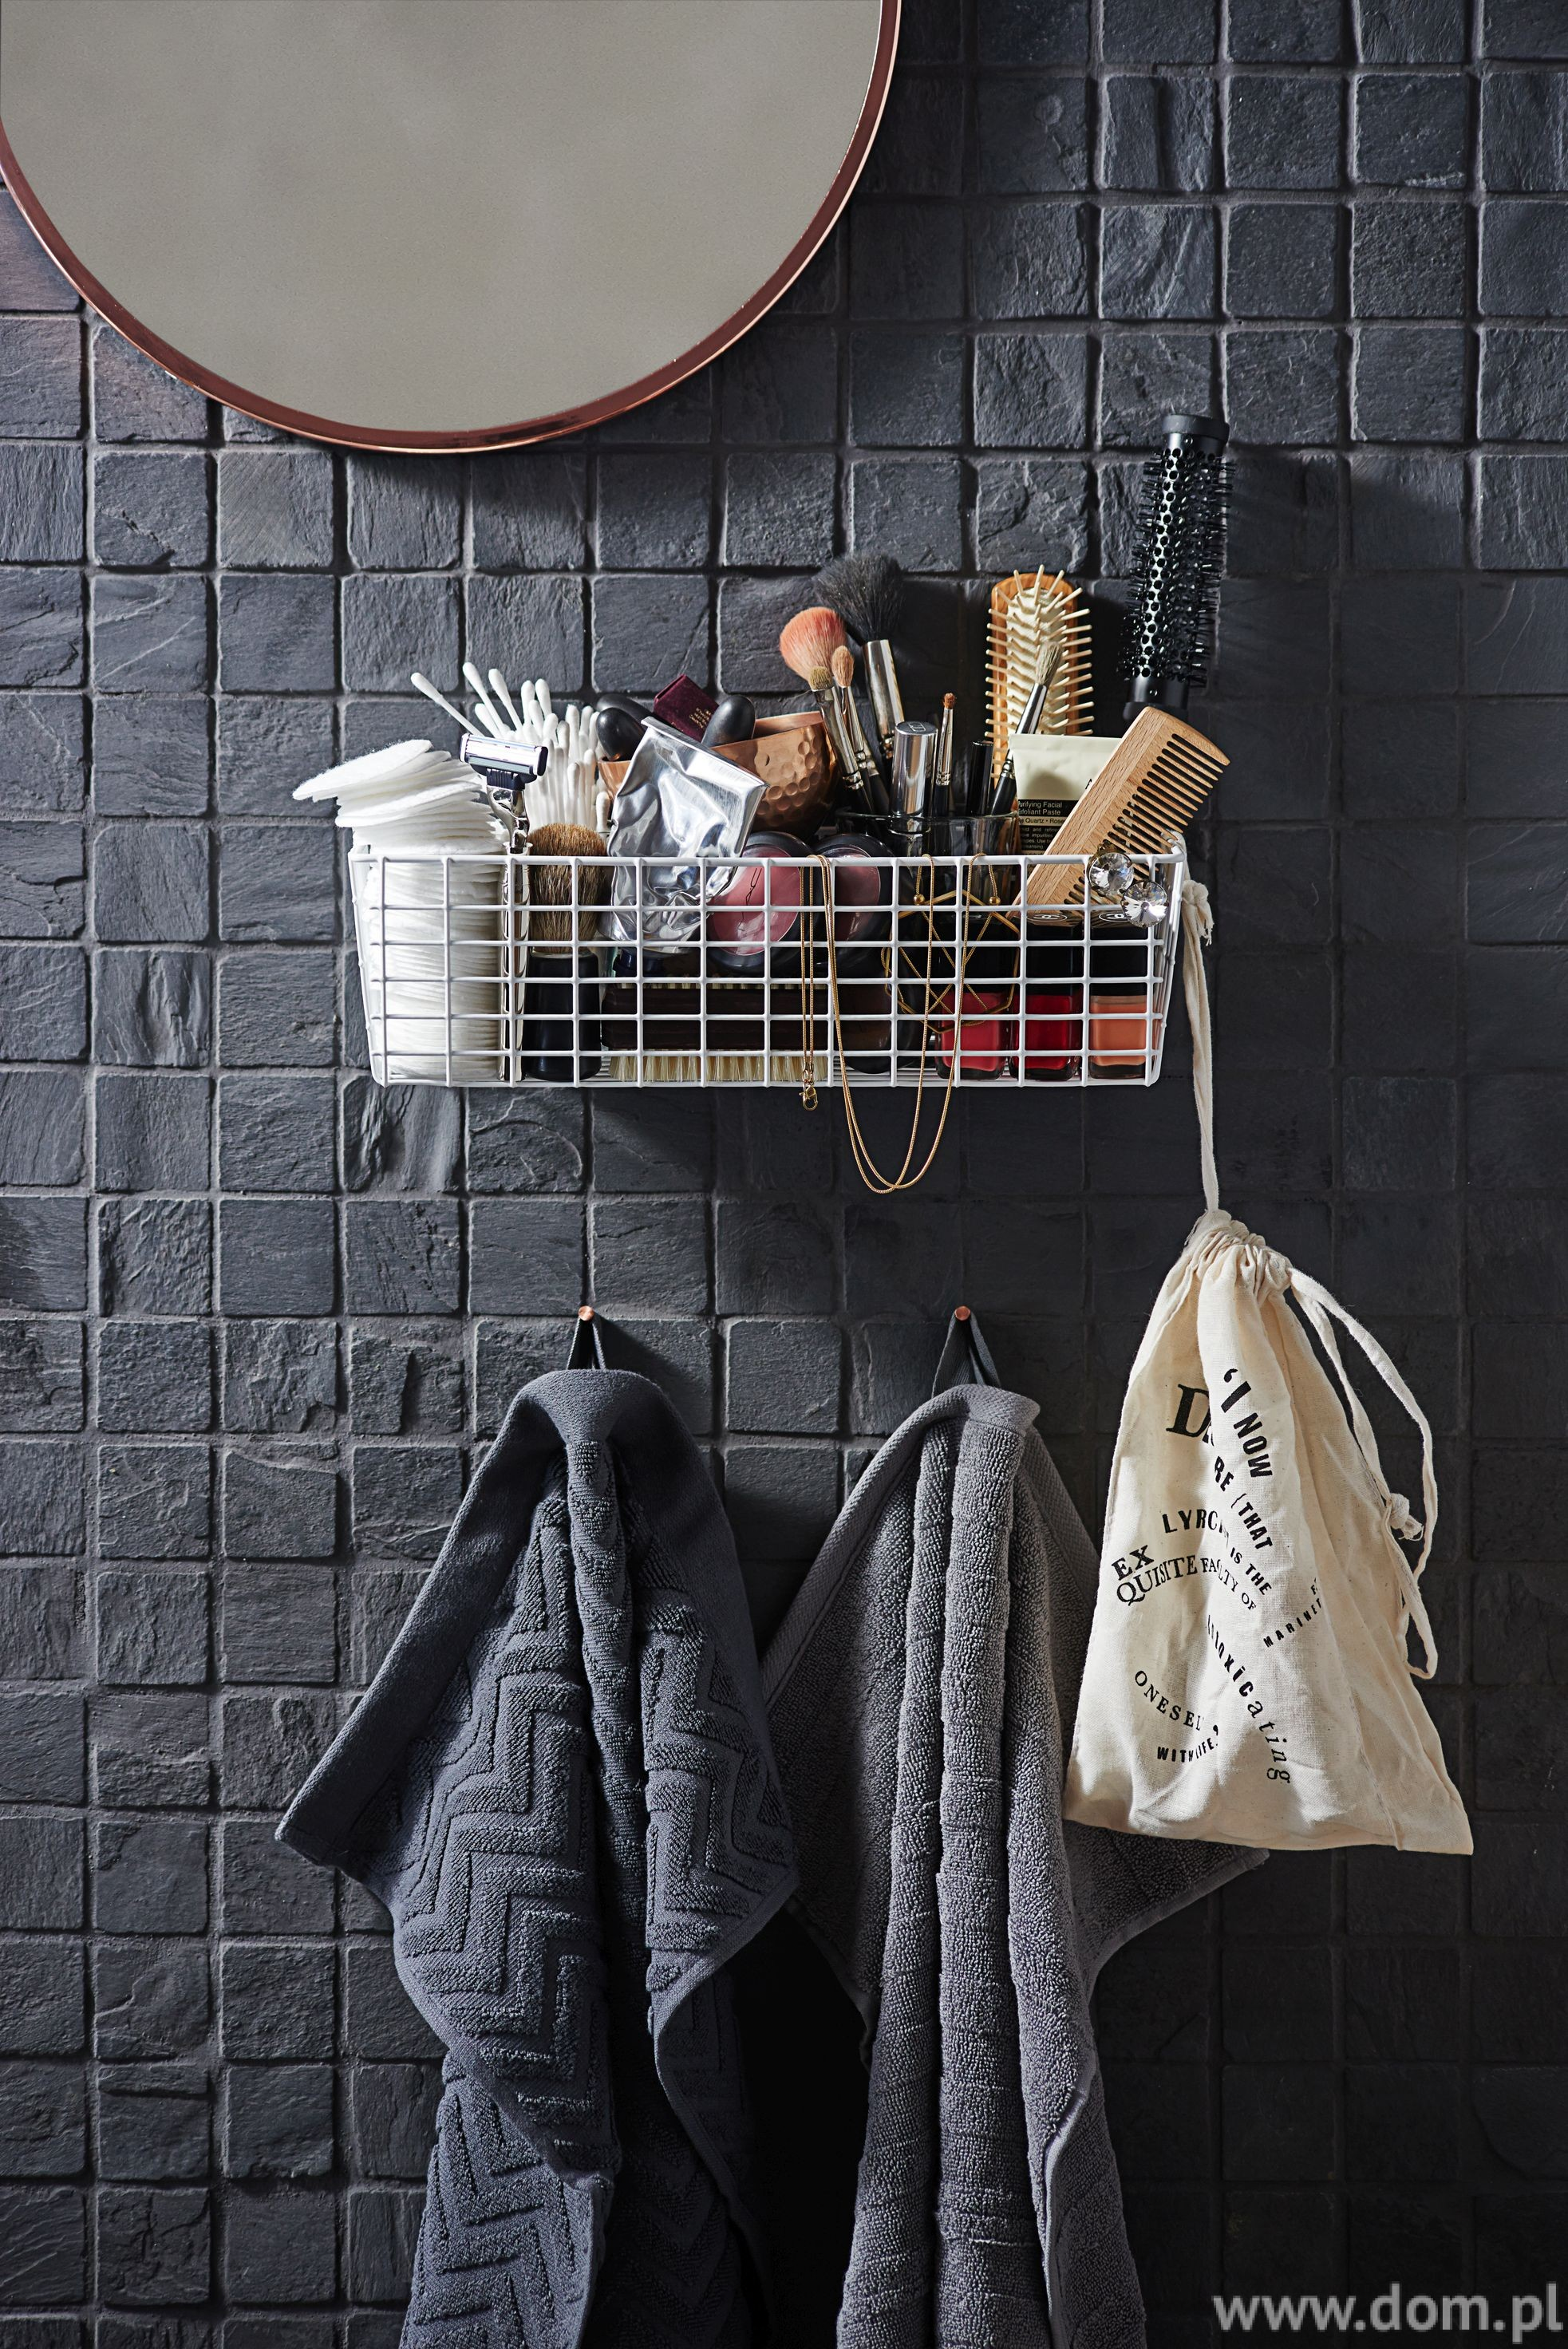 Хранение в ванной комнате. Сделай сам оригинальный органайзер в ванную